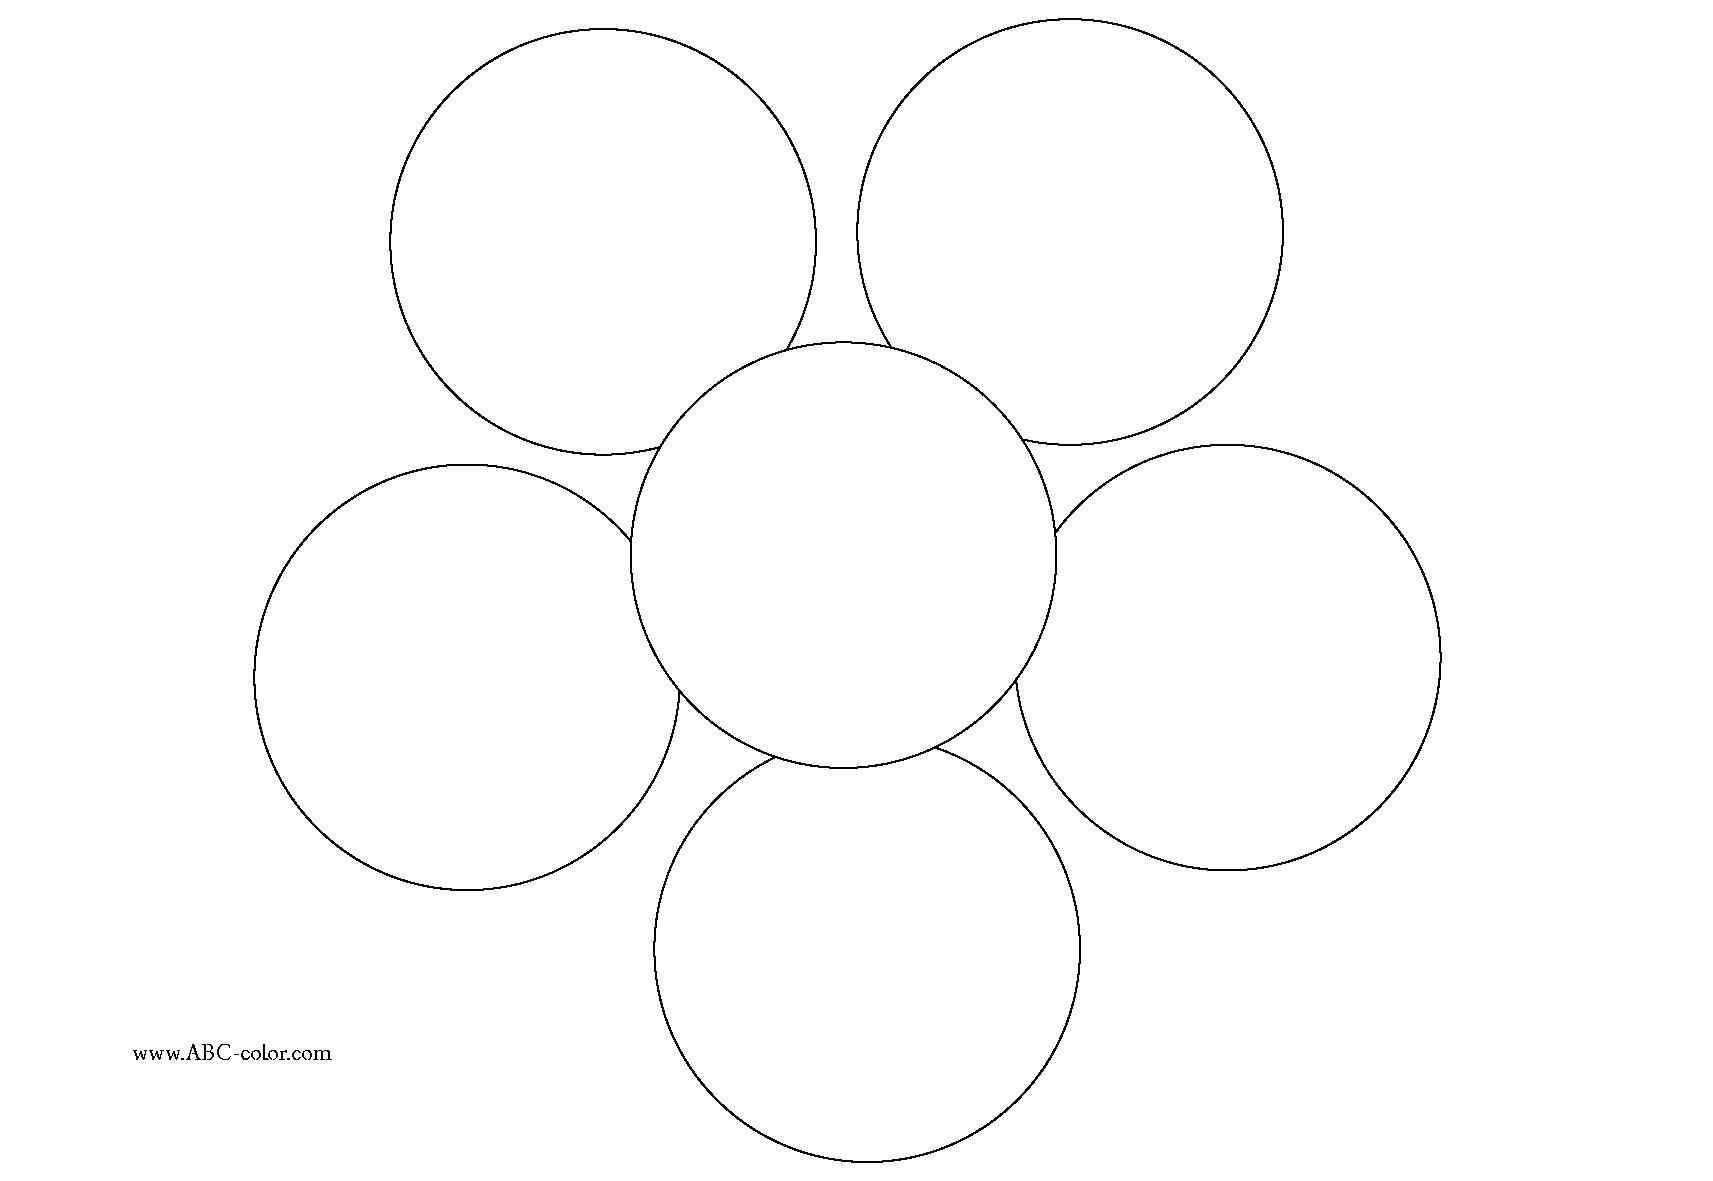 Раскраска цветок с кругов  аппликация. Скачать круг.  Распечатать геометрические фигуры